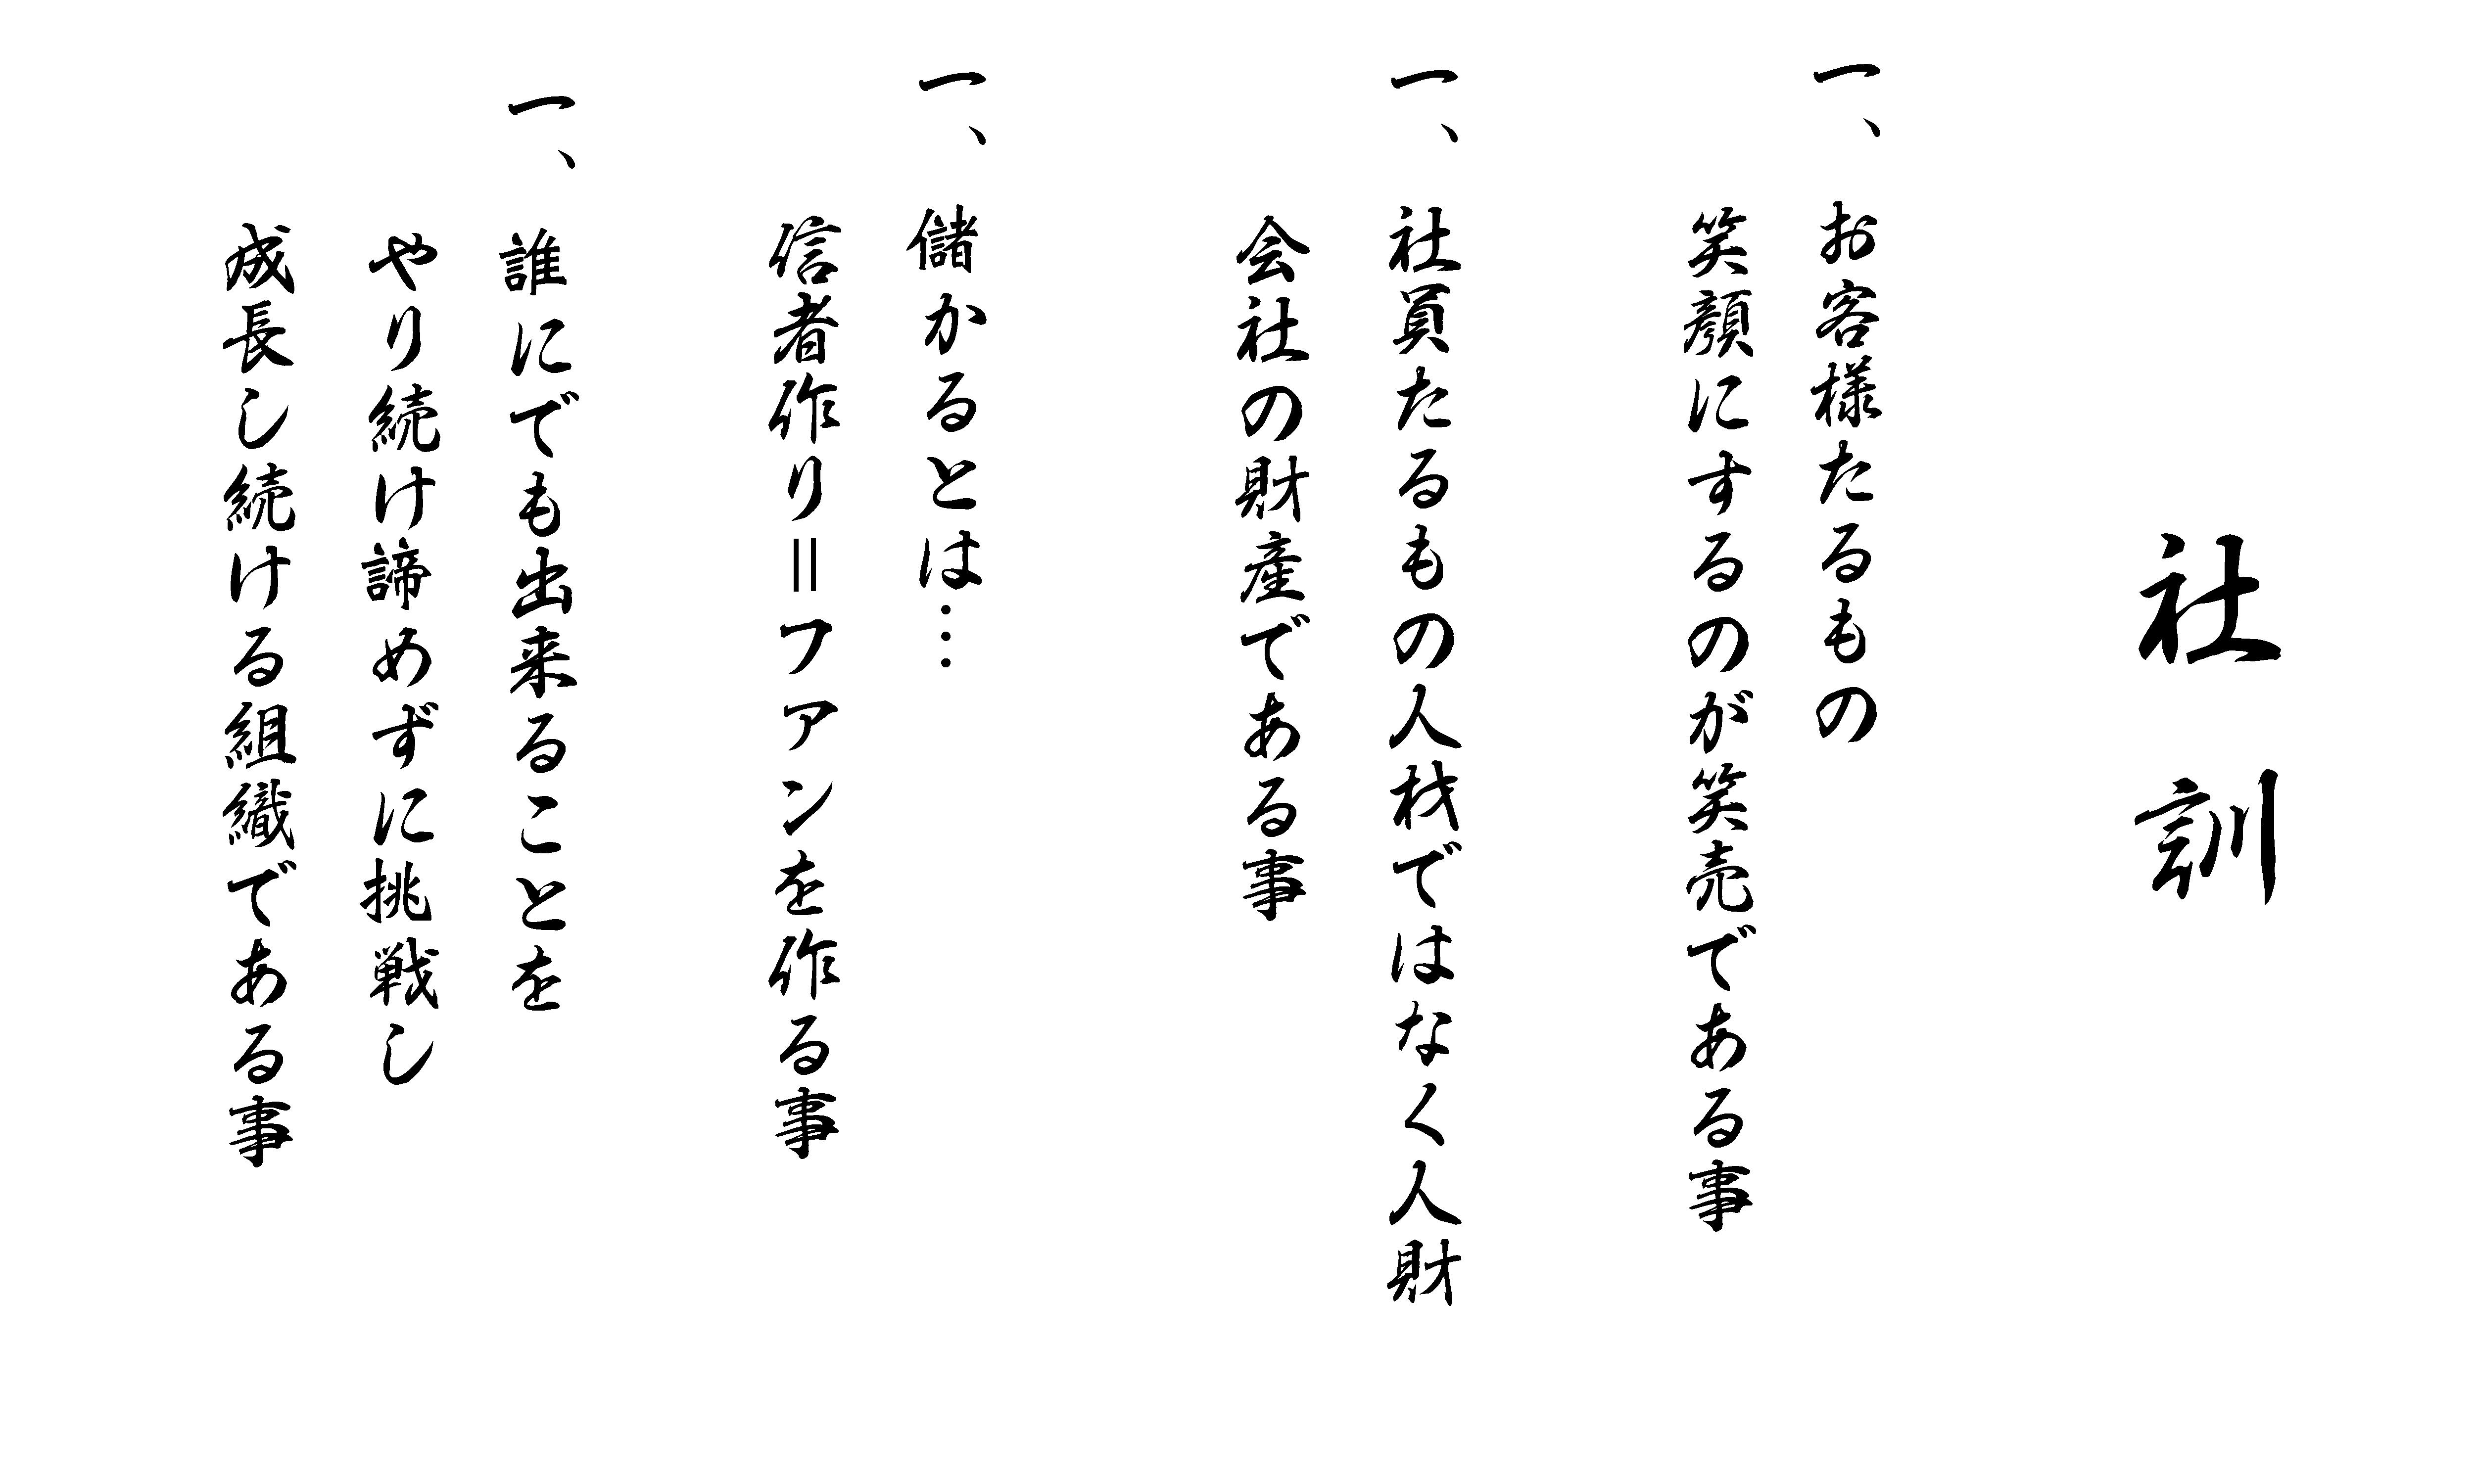 shakun